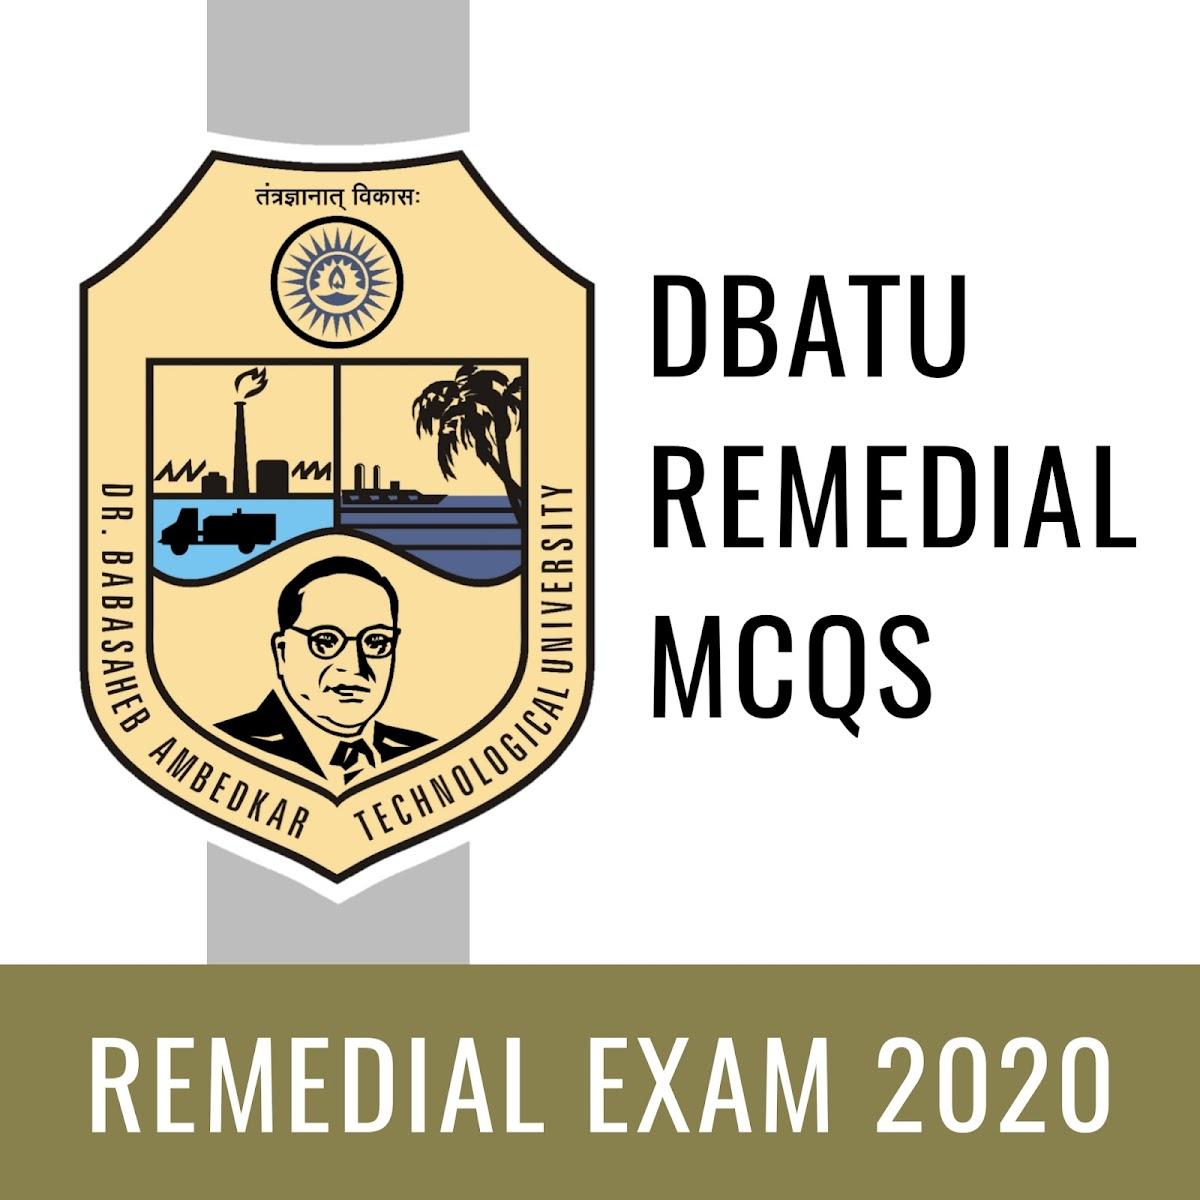 Batu remedial mcq